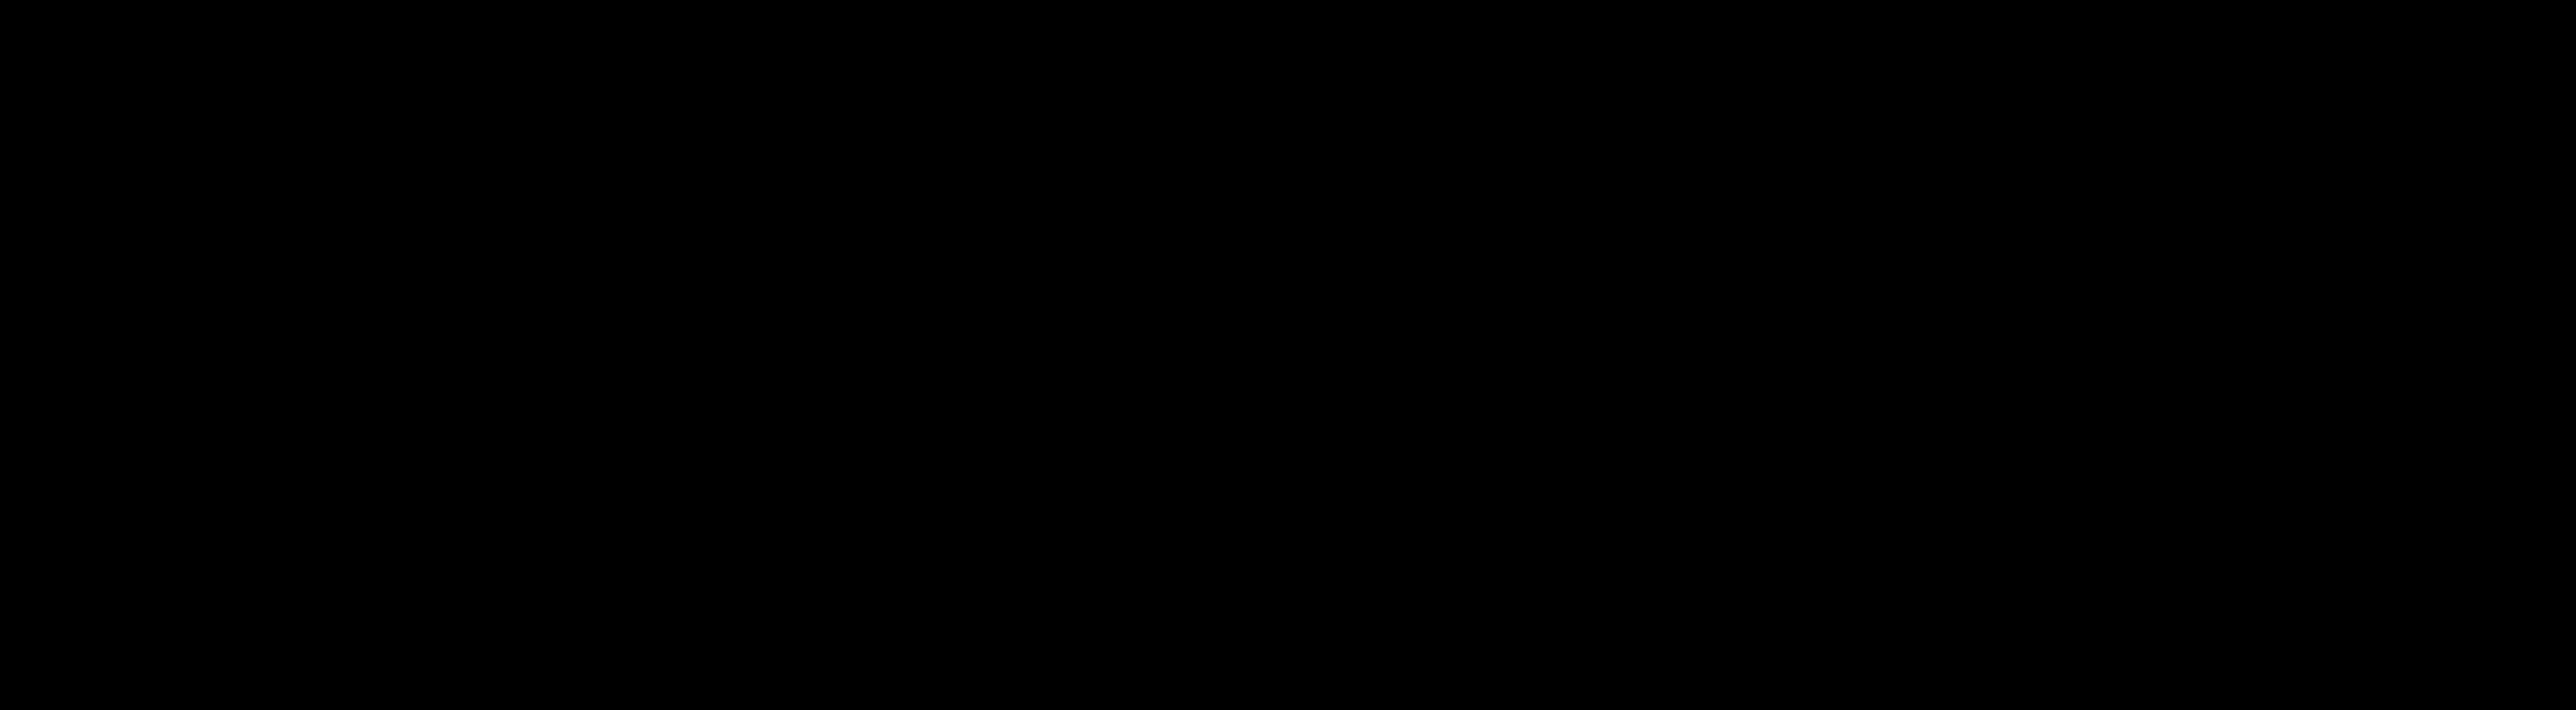 Тварюка